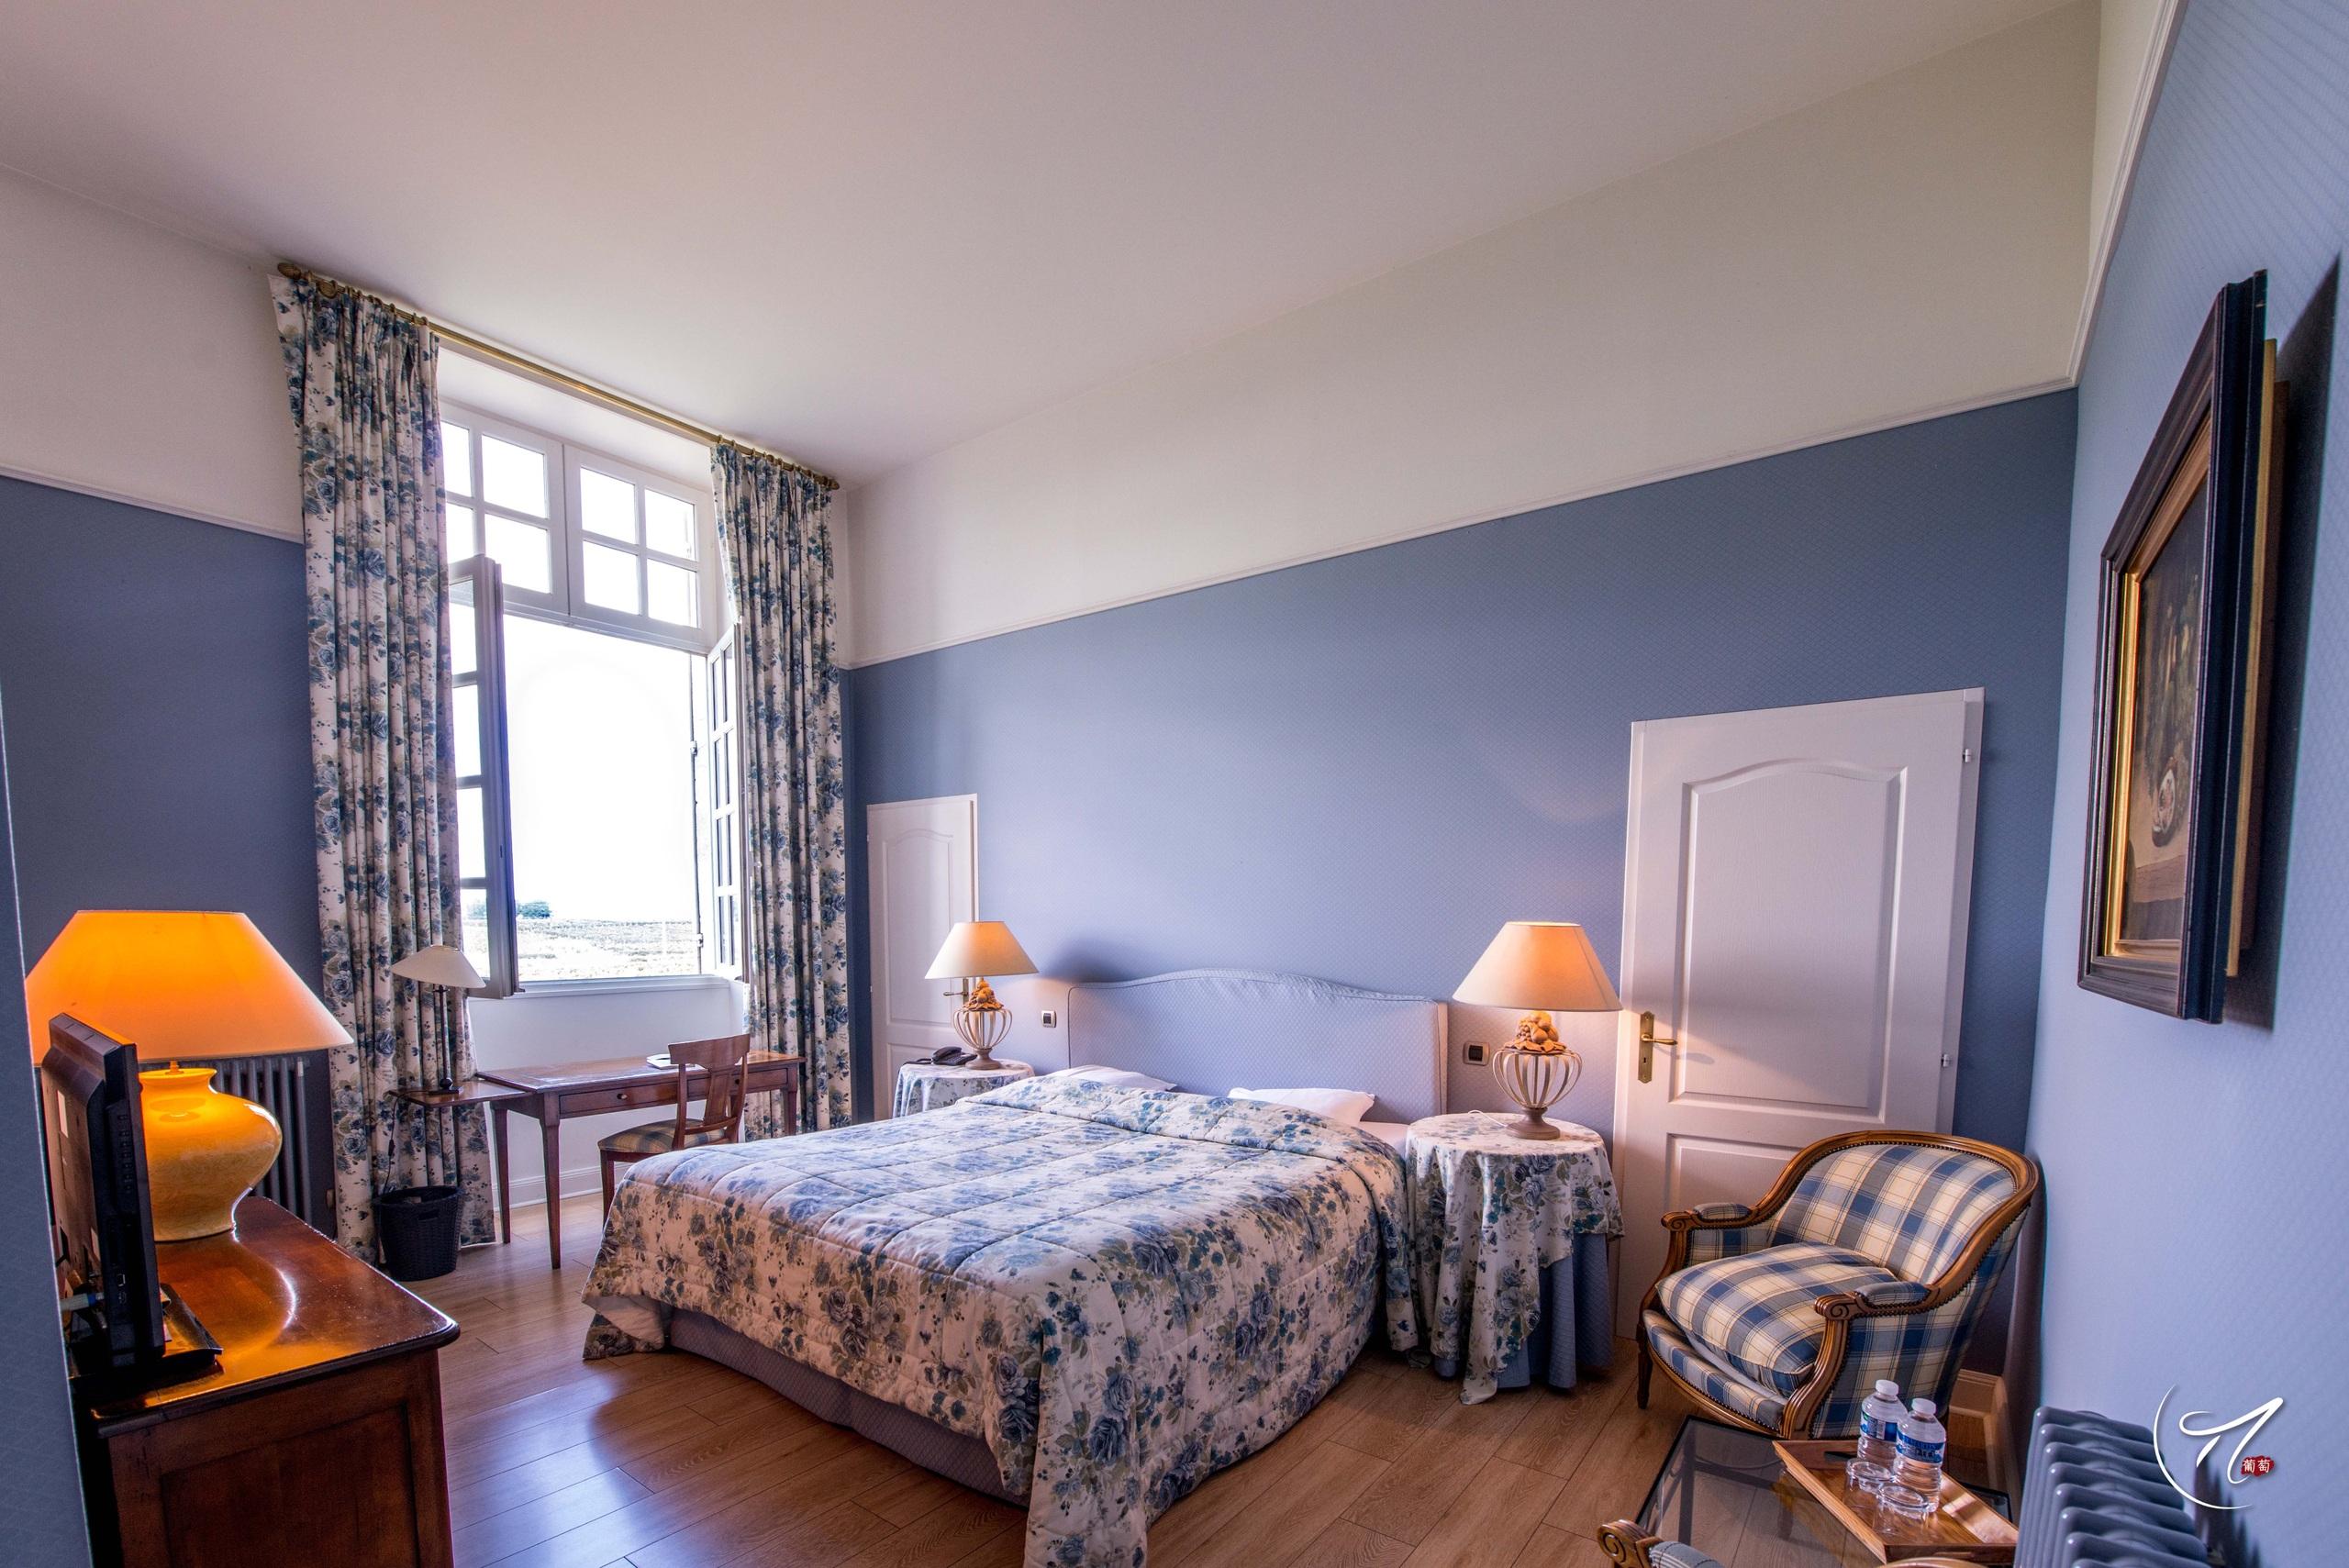 Nos chambres - Chateau d'Arche